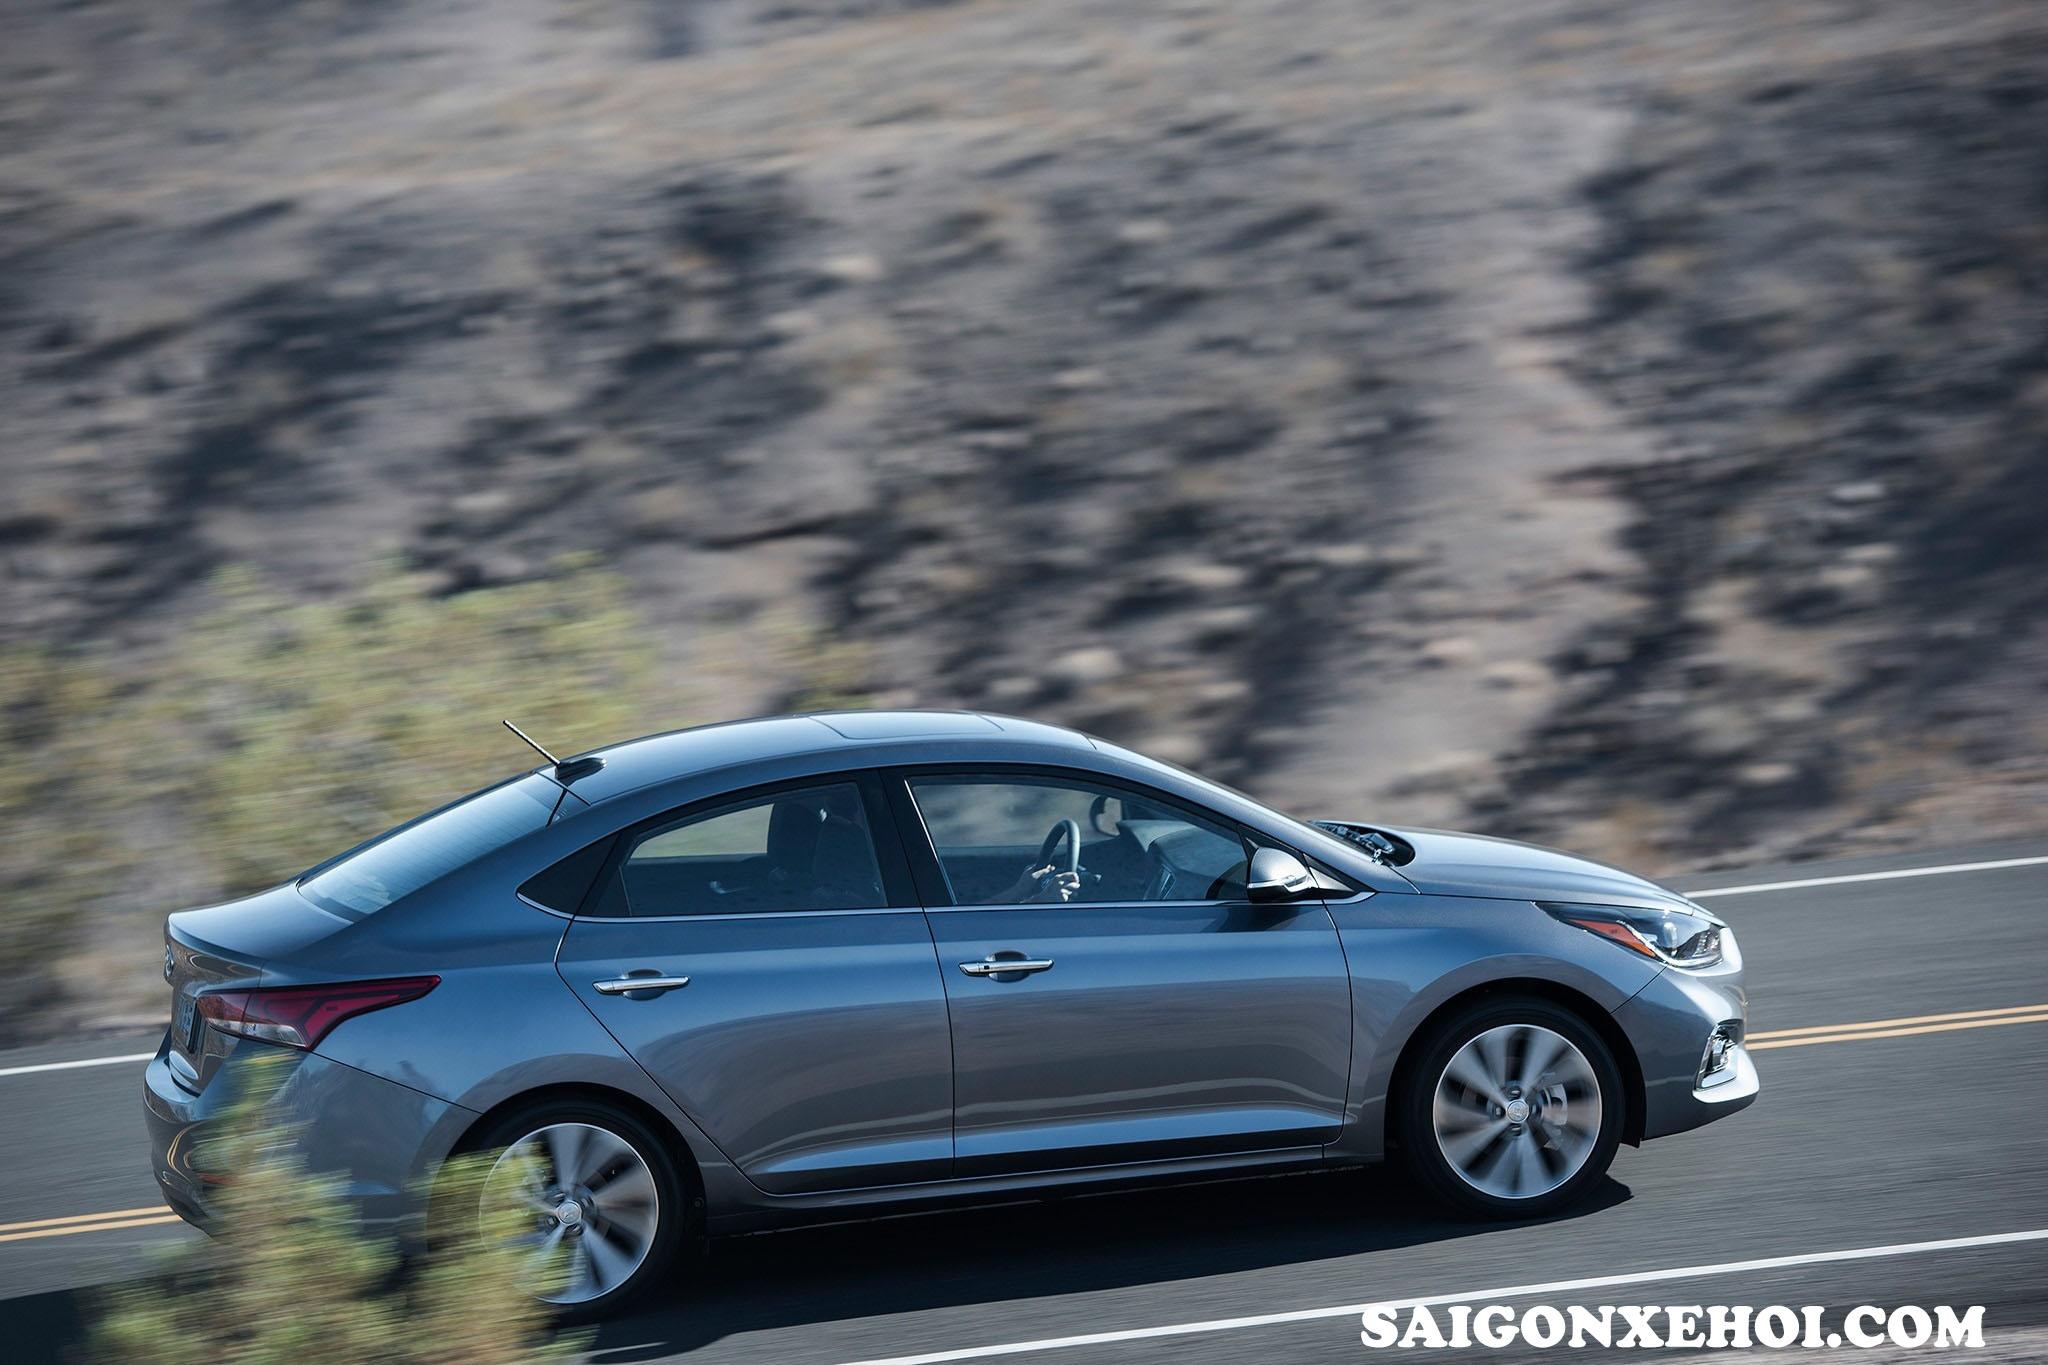 Khả năng vận hành Hyundai Accent 2020